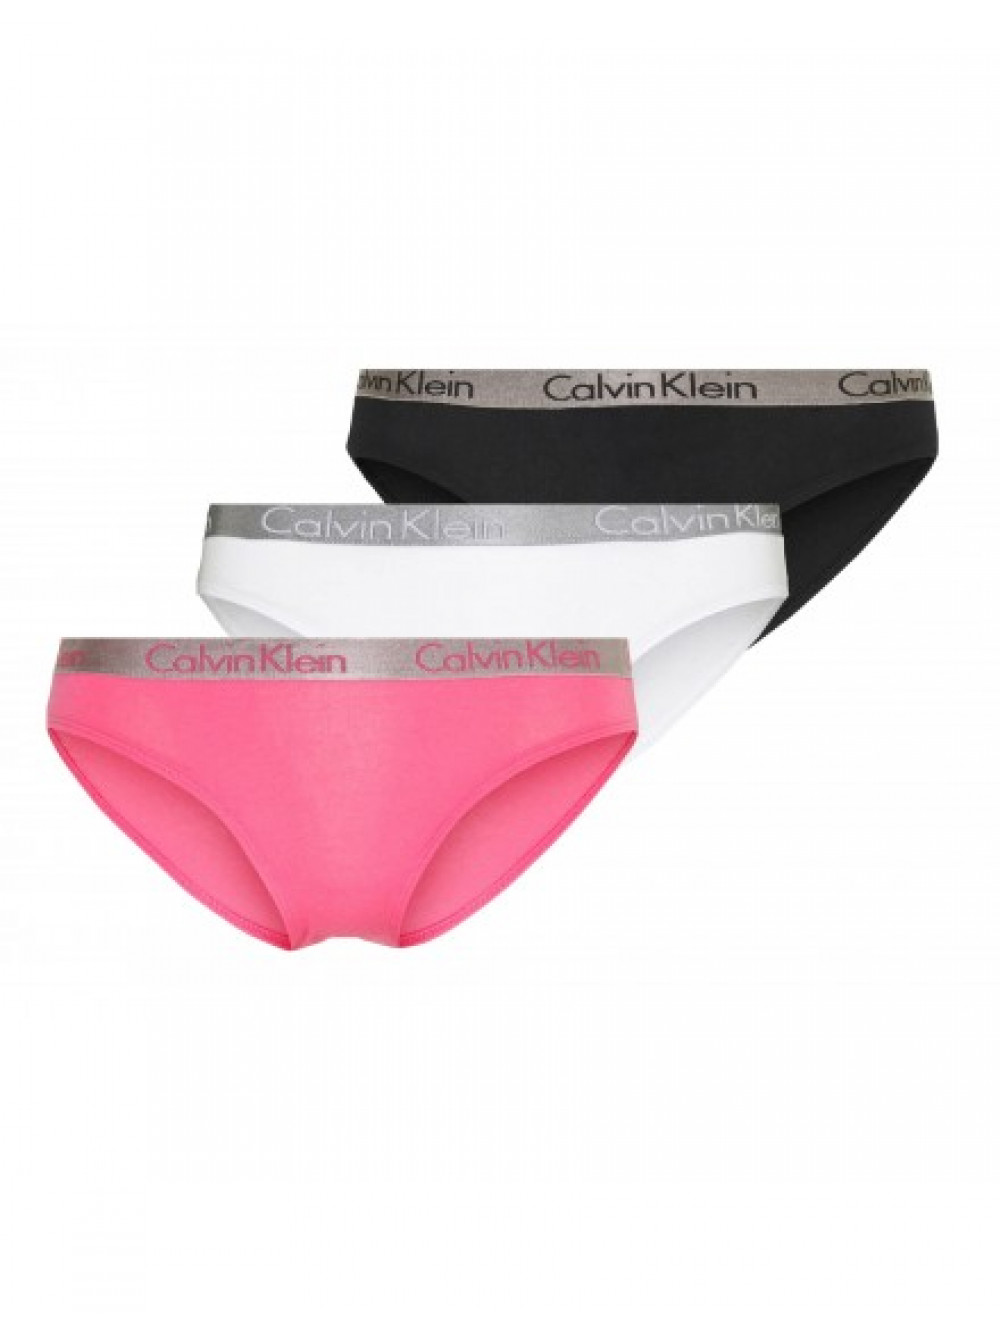 Női alsónemű Calvin Klein Radiant Cotton fekete, fehér, rózsaszín 3-pack